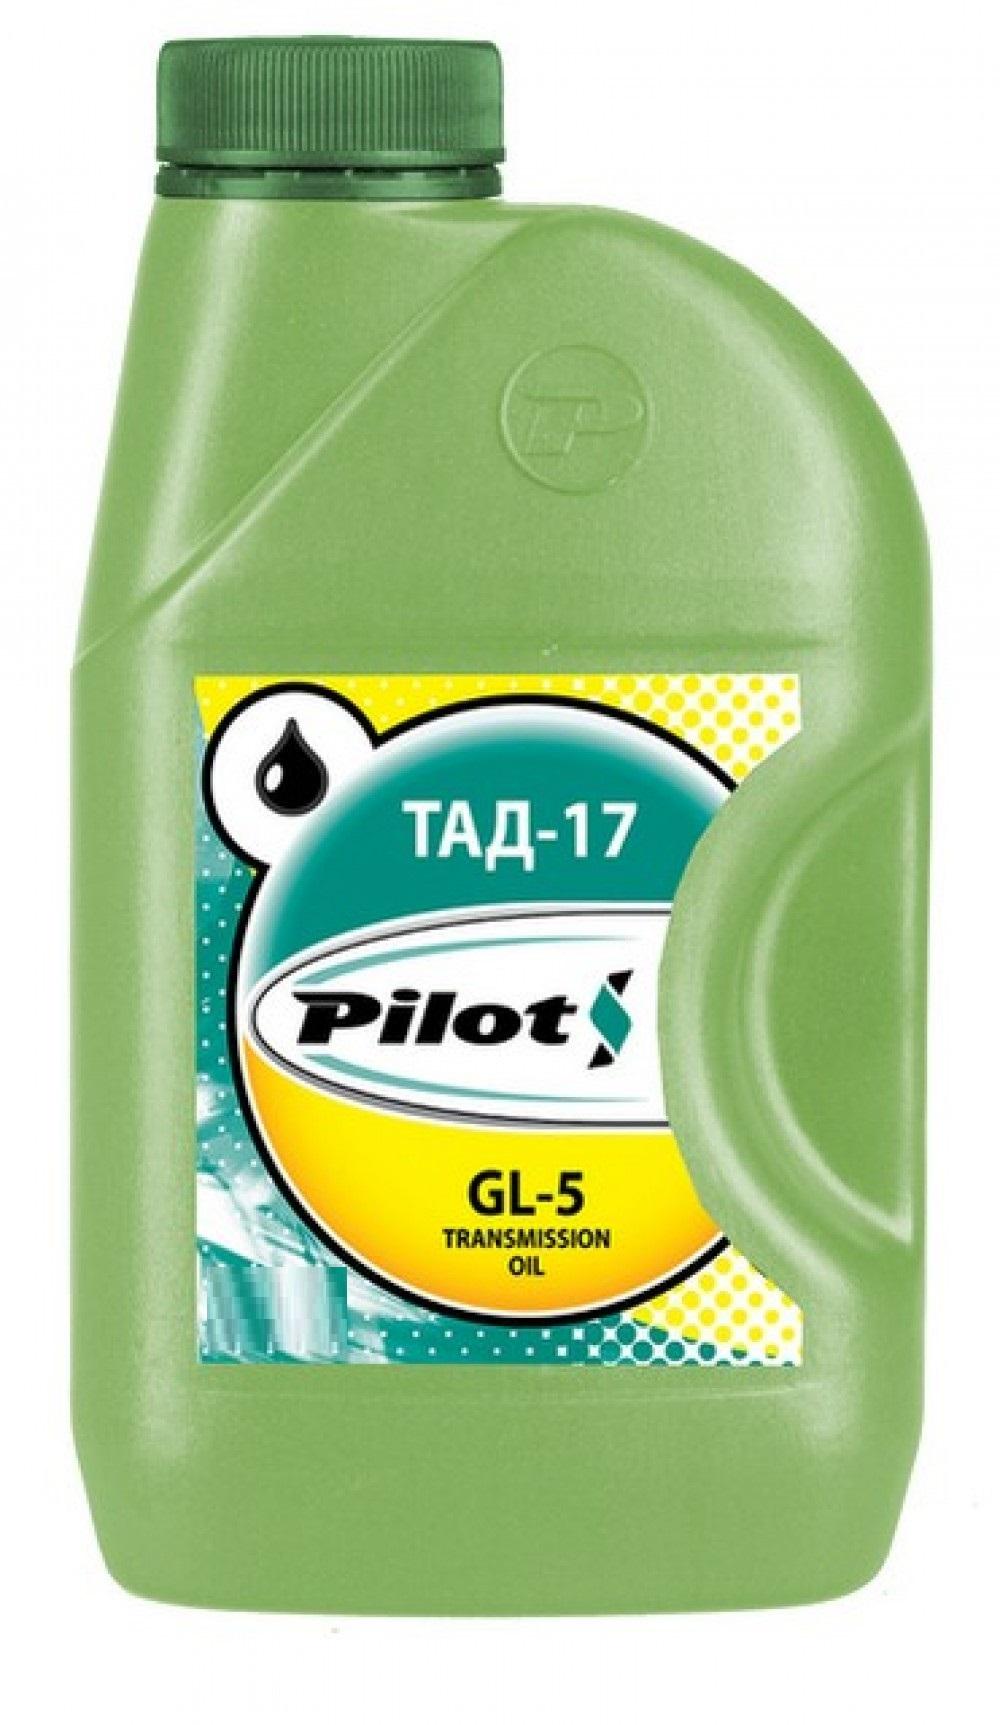 РILOT ТАД-17 (ТМ5-18), 80w90 GL-5 масло трансмиссионное, минеральное, 5л , г.Пермь